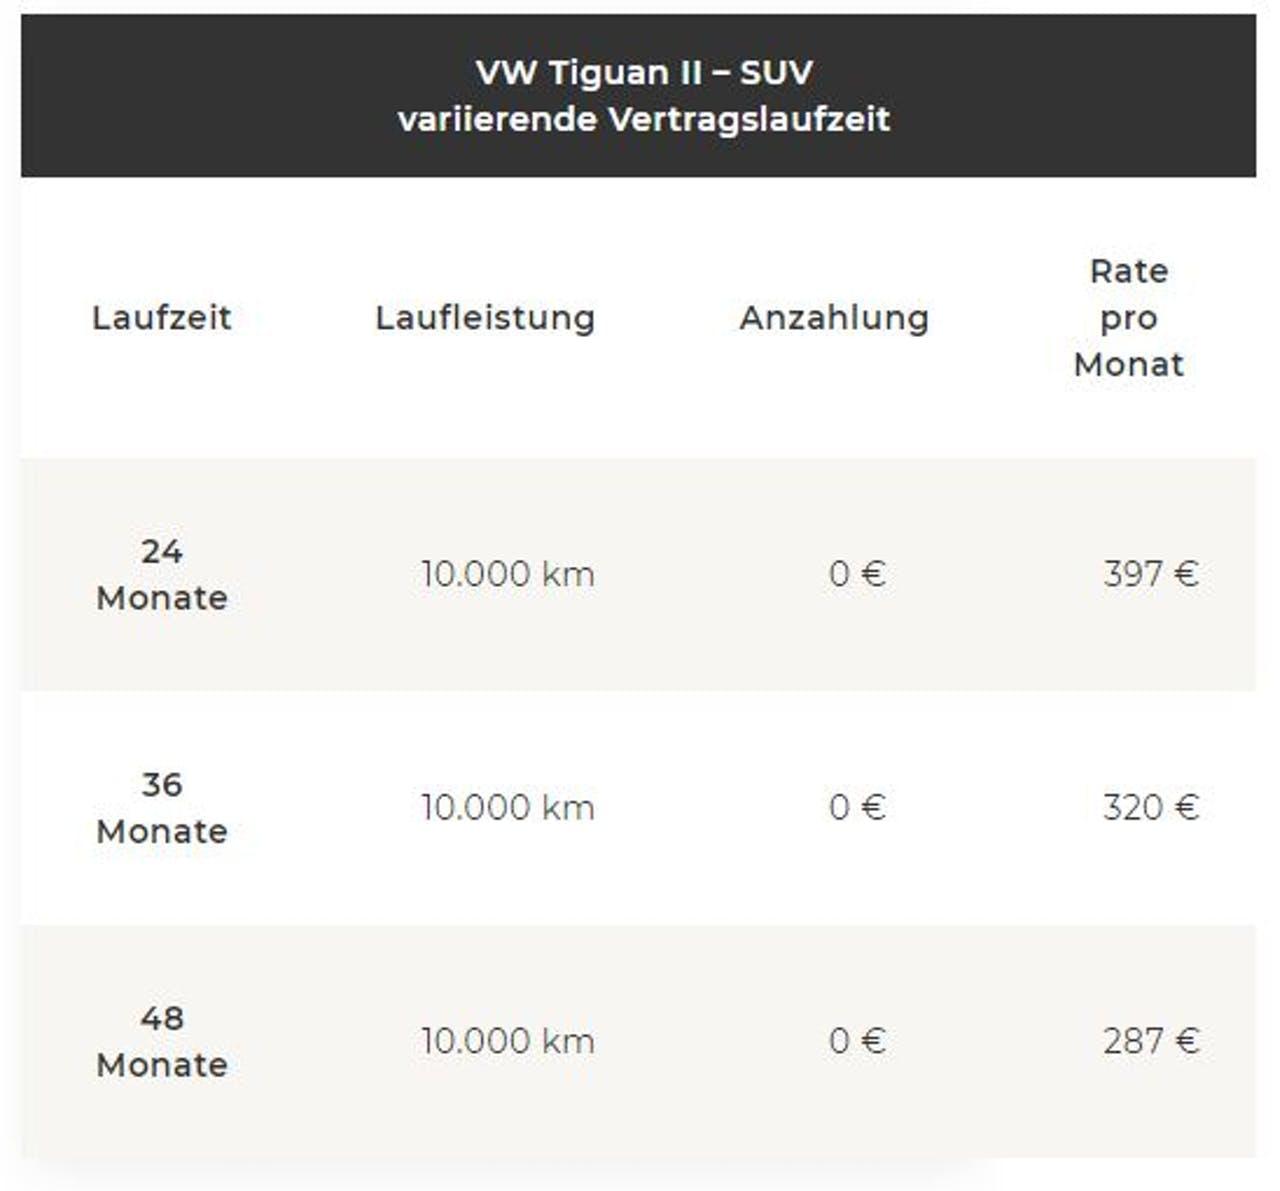 VW Tiguan Änderung der Leasingrate bei variierender Vertragslaufzeit